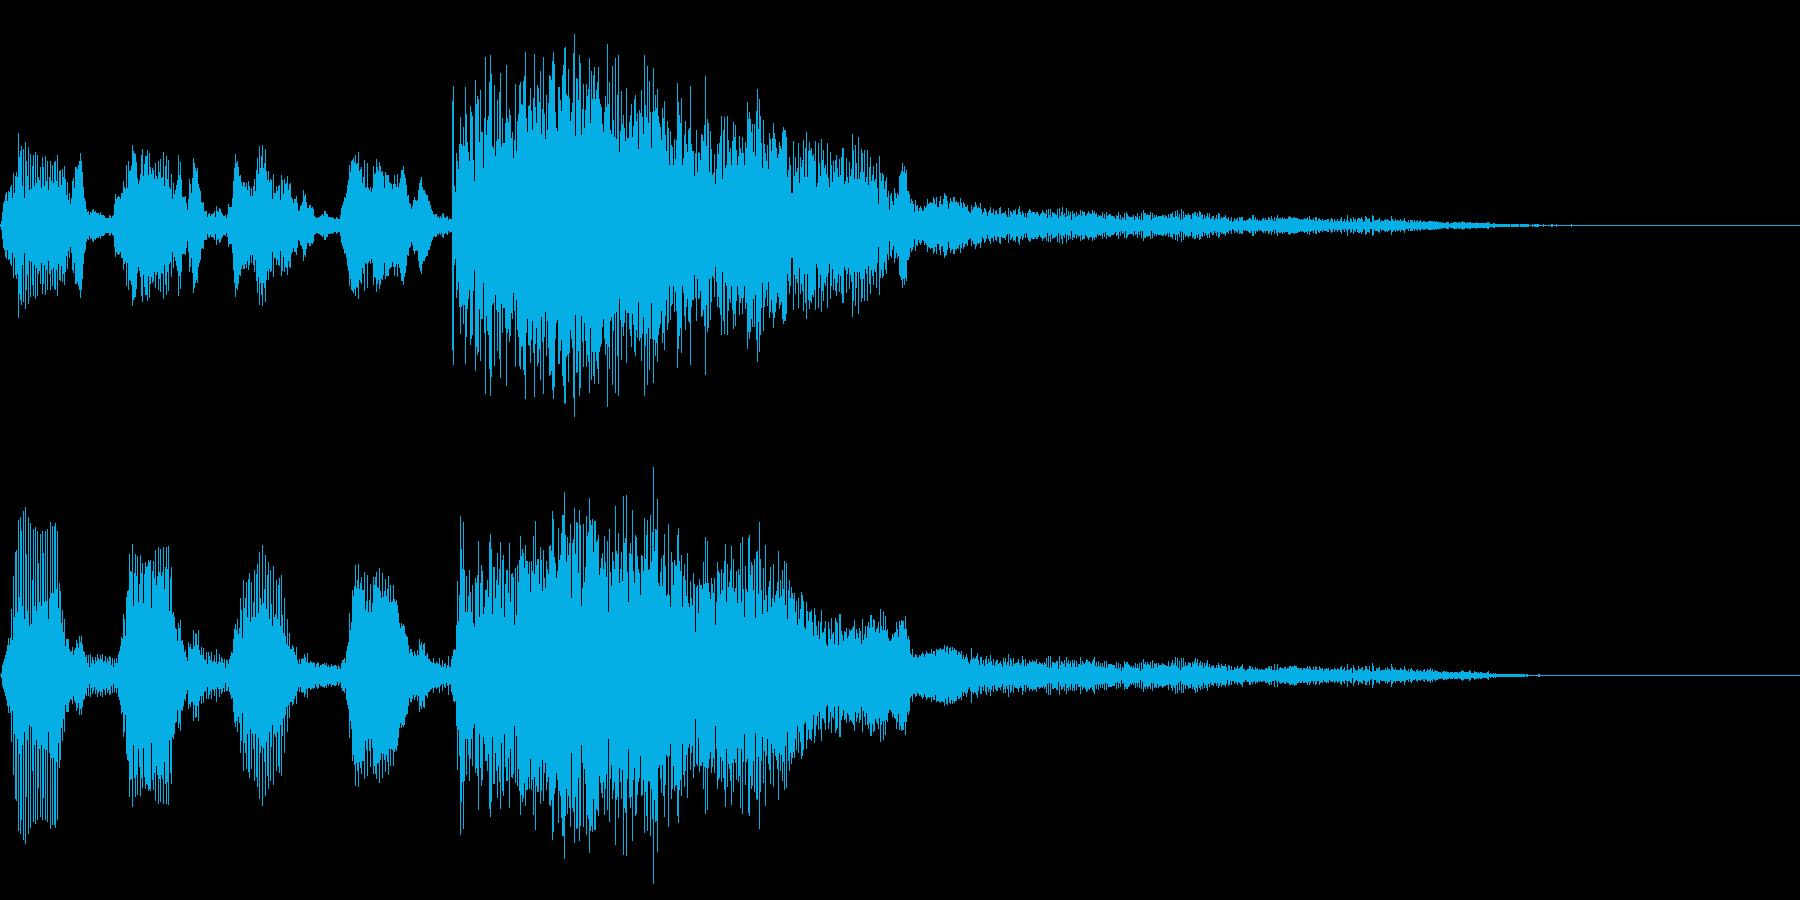 失敗した時の~ファファファファファン~の再生済みの波形